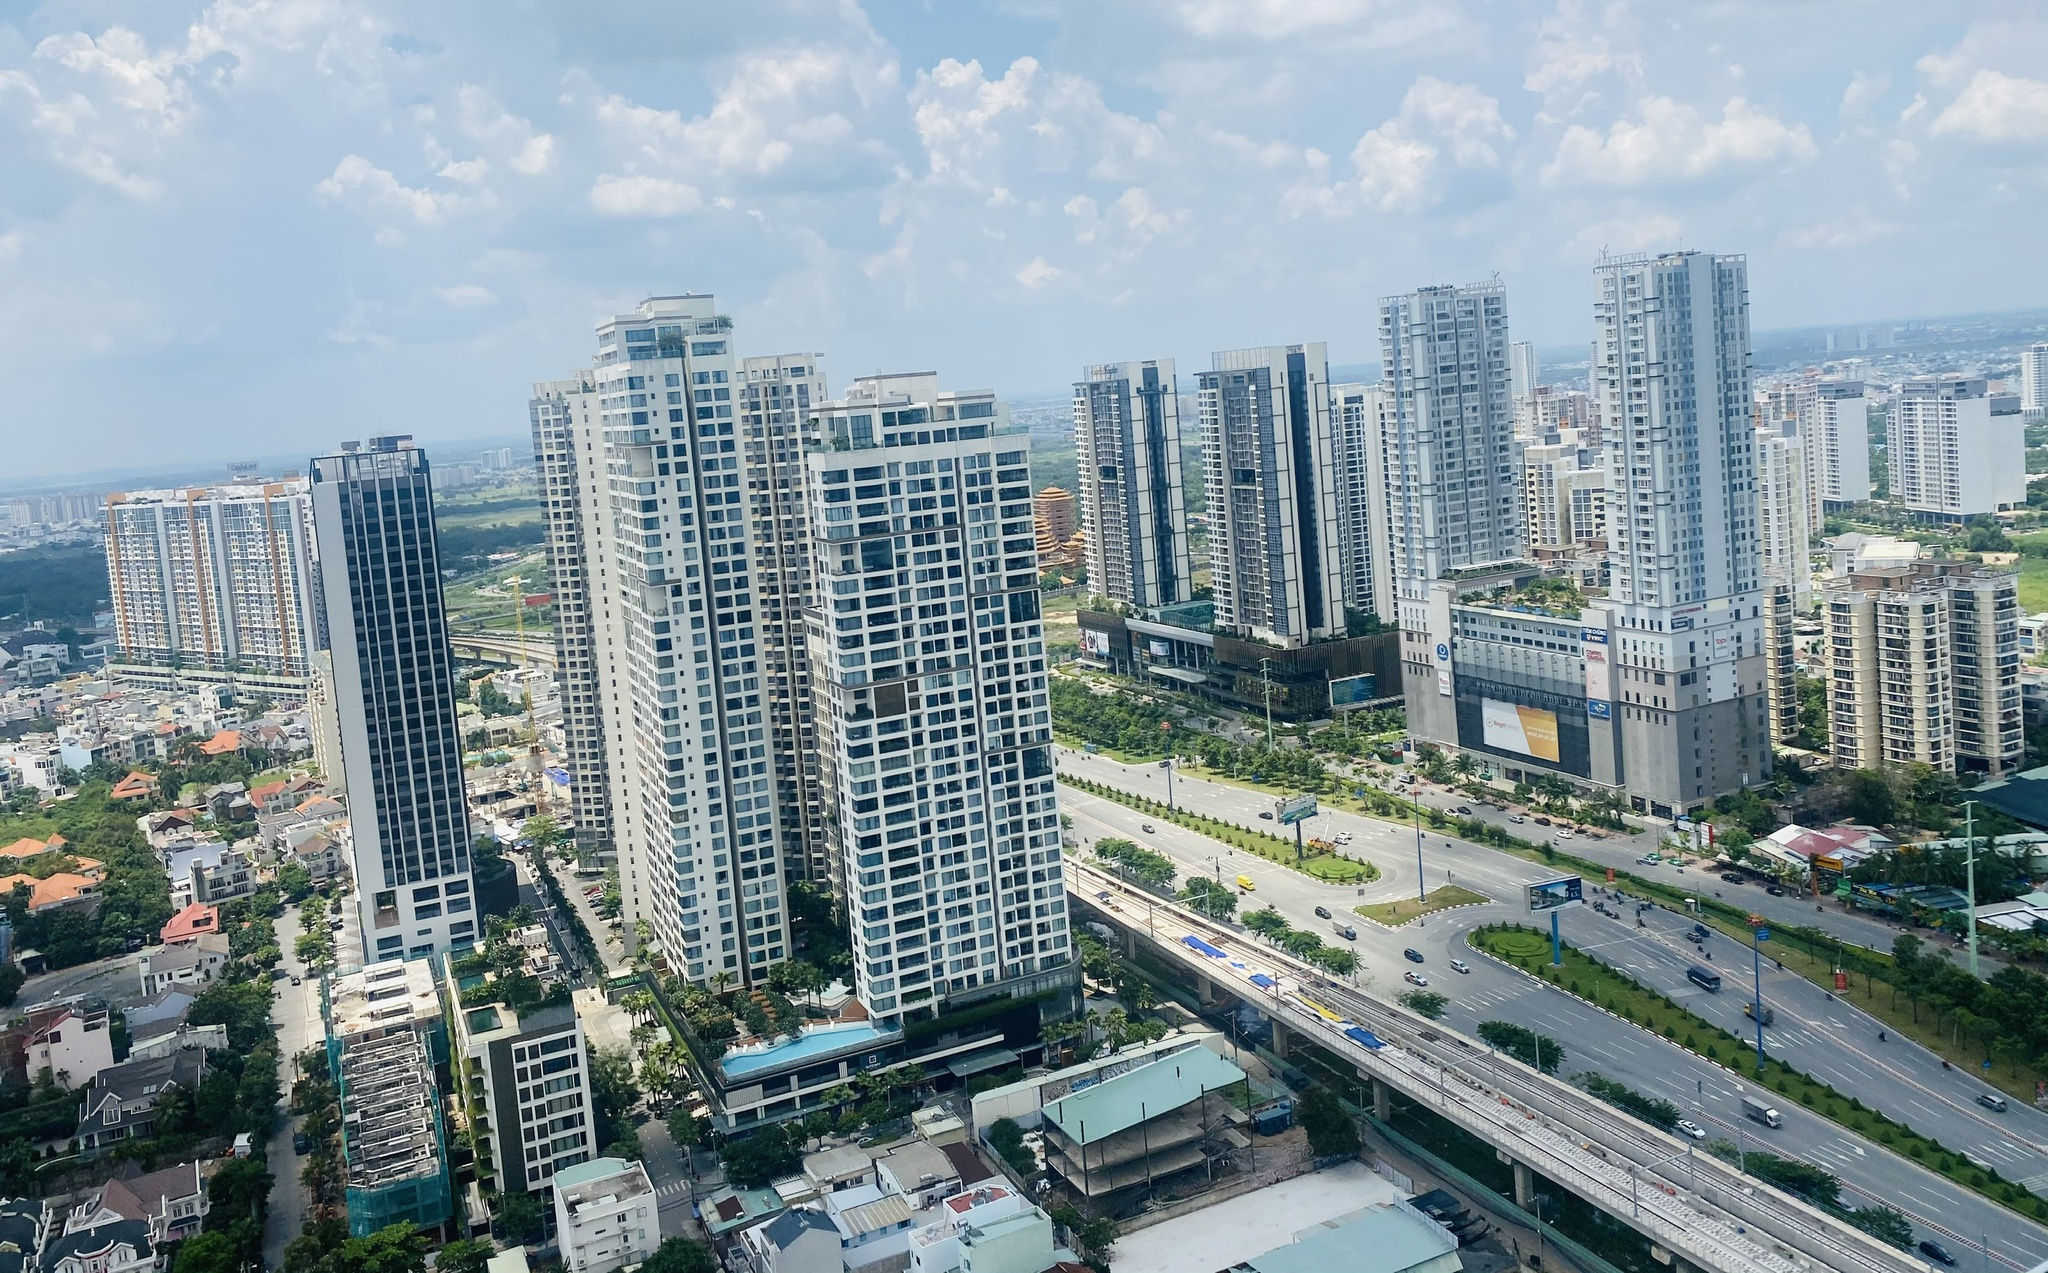 Dù dịch Covid-19 bùng phát nhưng ở các thành phố lớn trên thế giới giá nhà đất vẫn tăng /// ĐÌNH SƠN